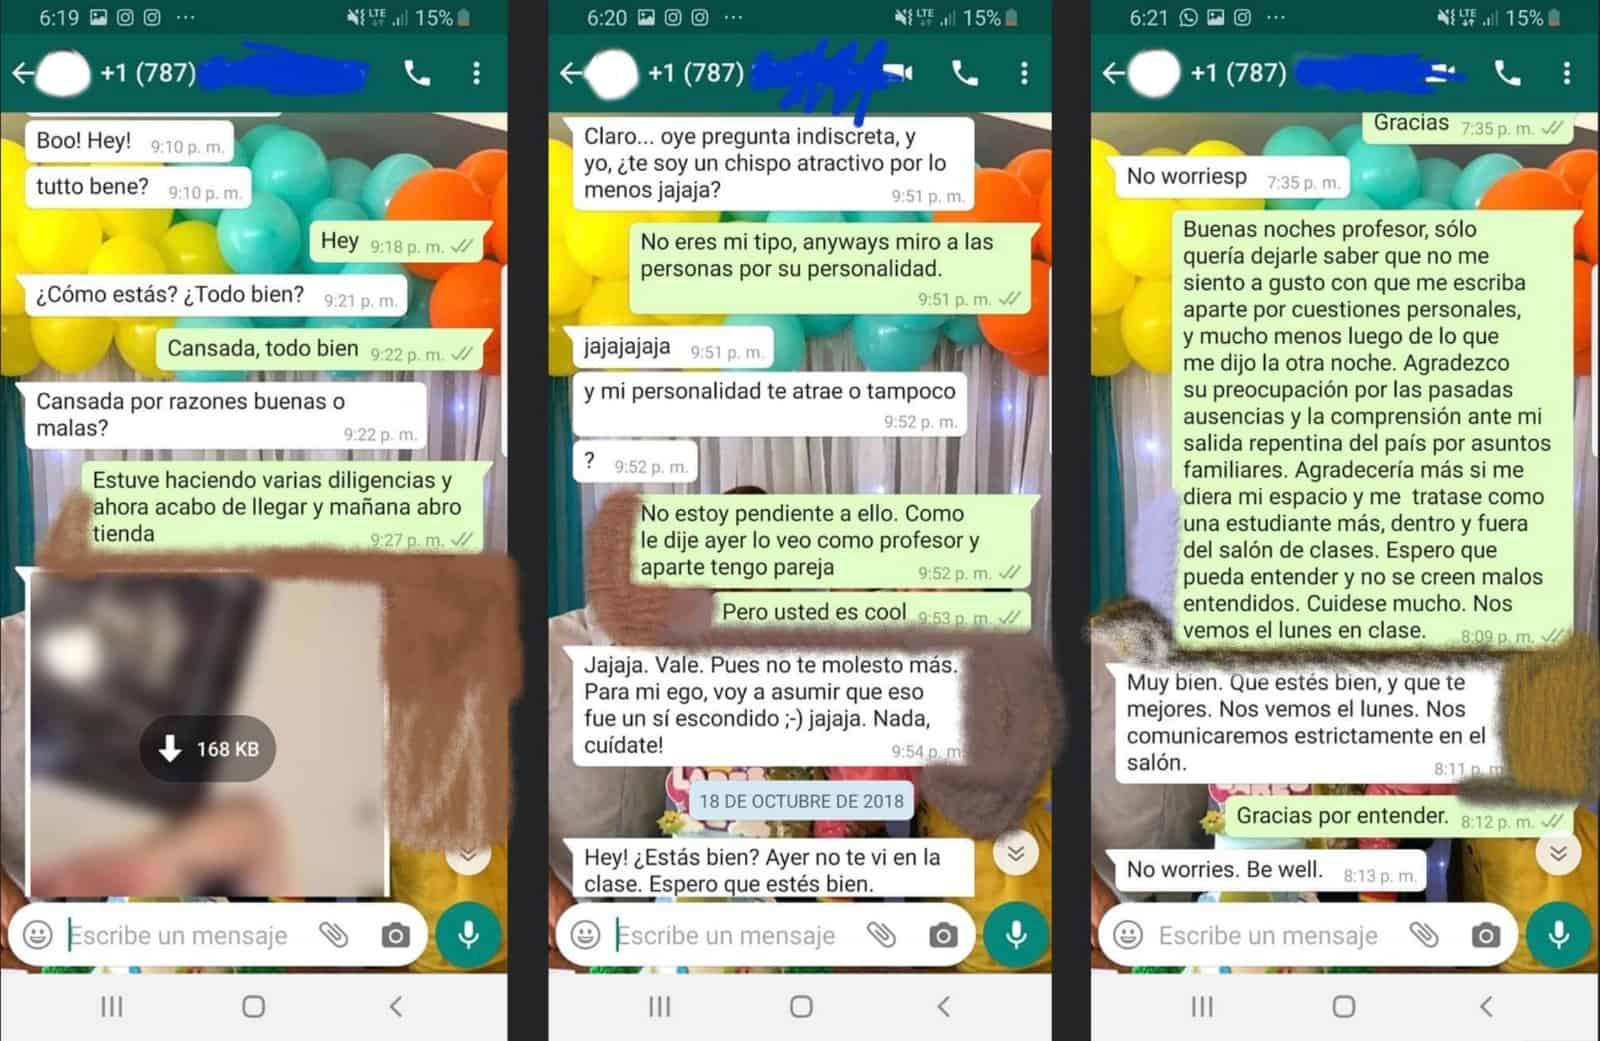 Denuncian acoso por parte de psicólogo de DCODE y dos profesores de la IUPI